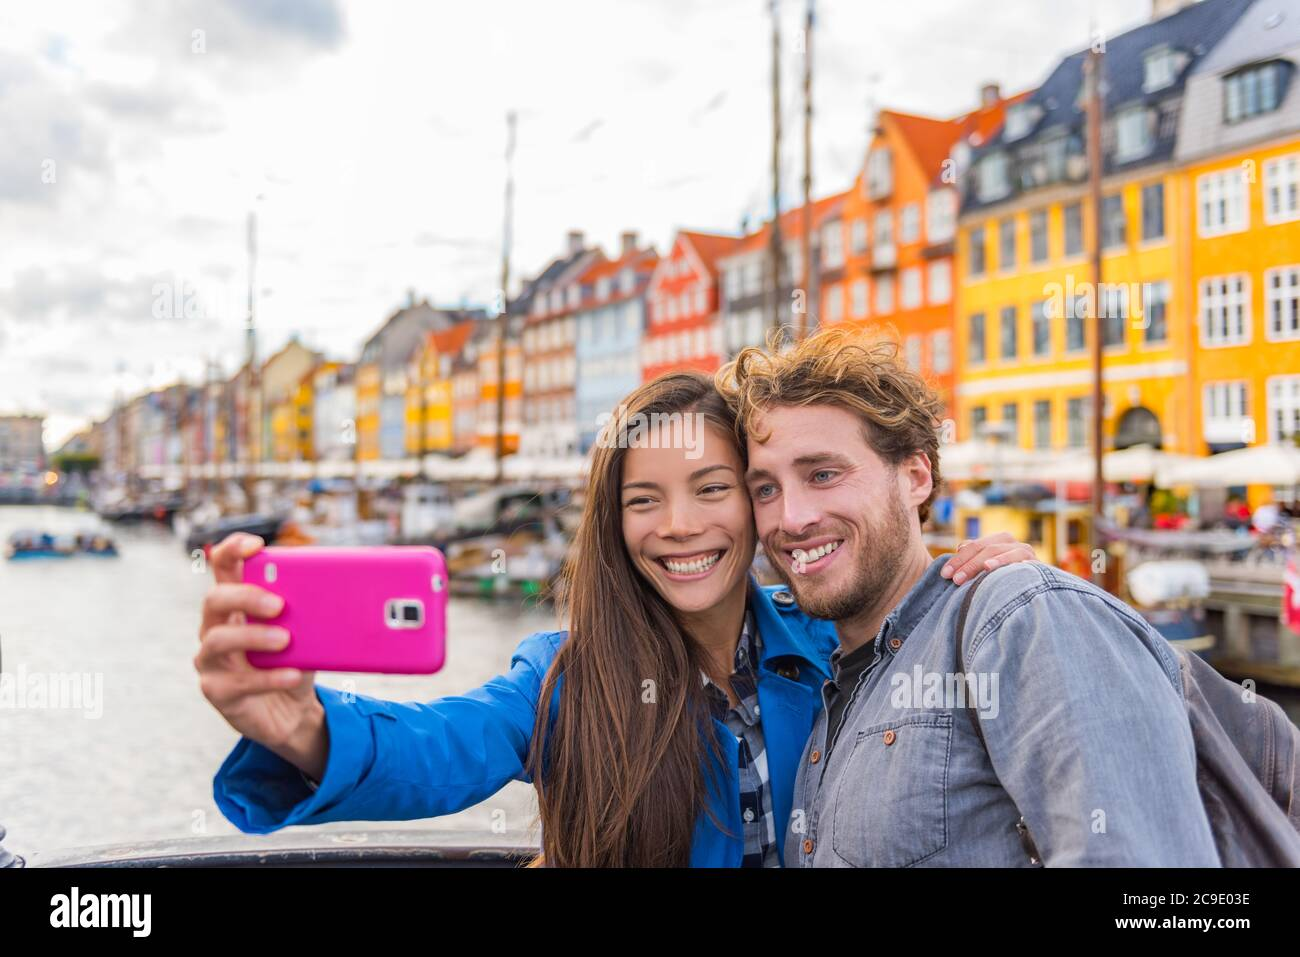 Copenhague viaje pareja turistas tomando selfie foto con cámara de teléfono. Estudiantes jóvenes sonriendo en el viejo puerto Nyhavn, el turismo danés punto de referencia en Foto de stock